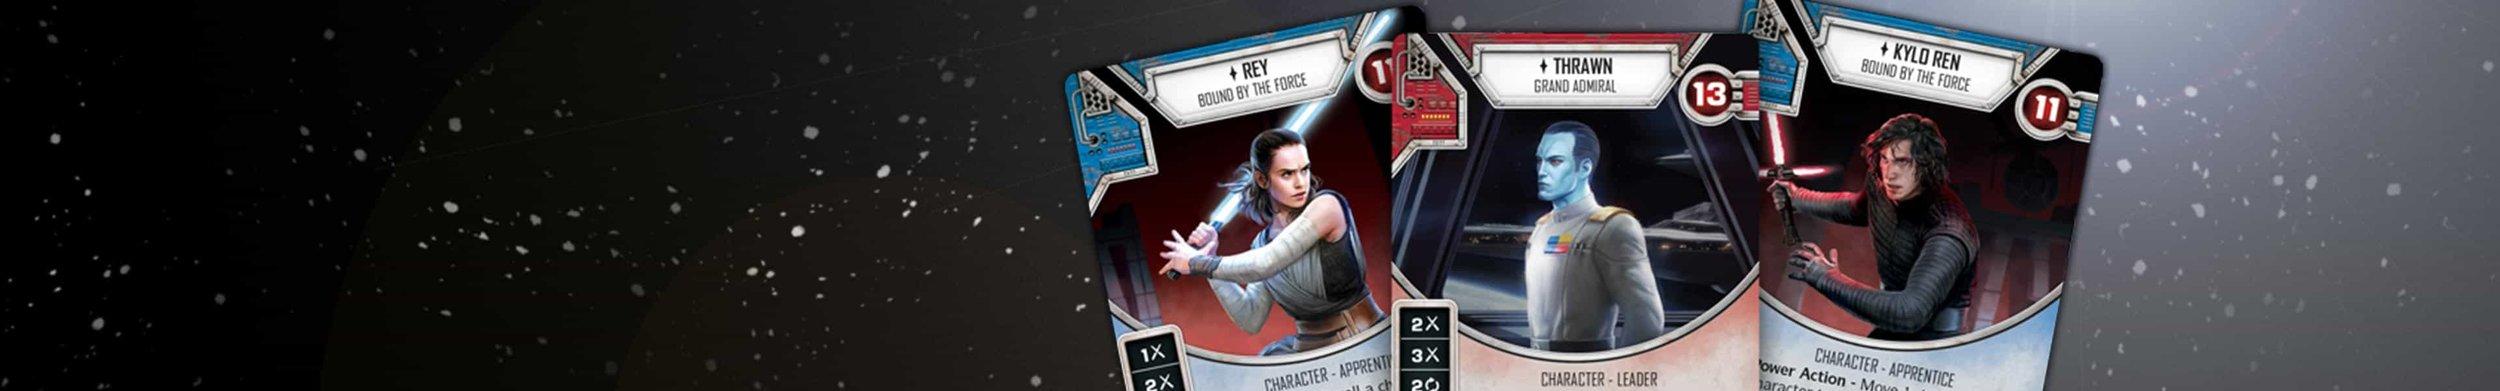 star_wars_destiny_spark_of_hope_banner-01-2x.jpg